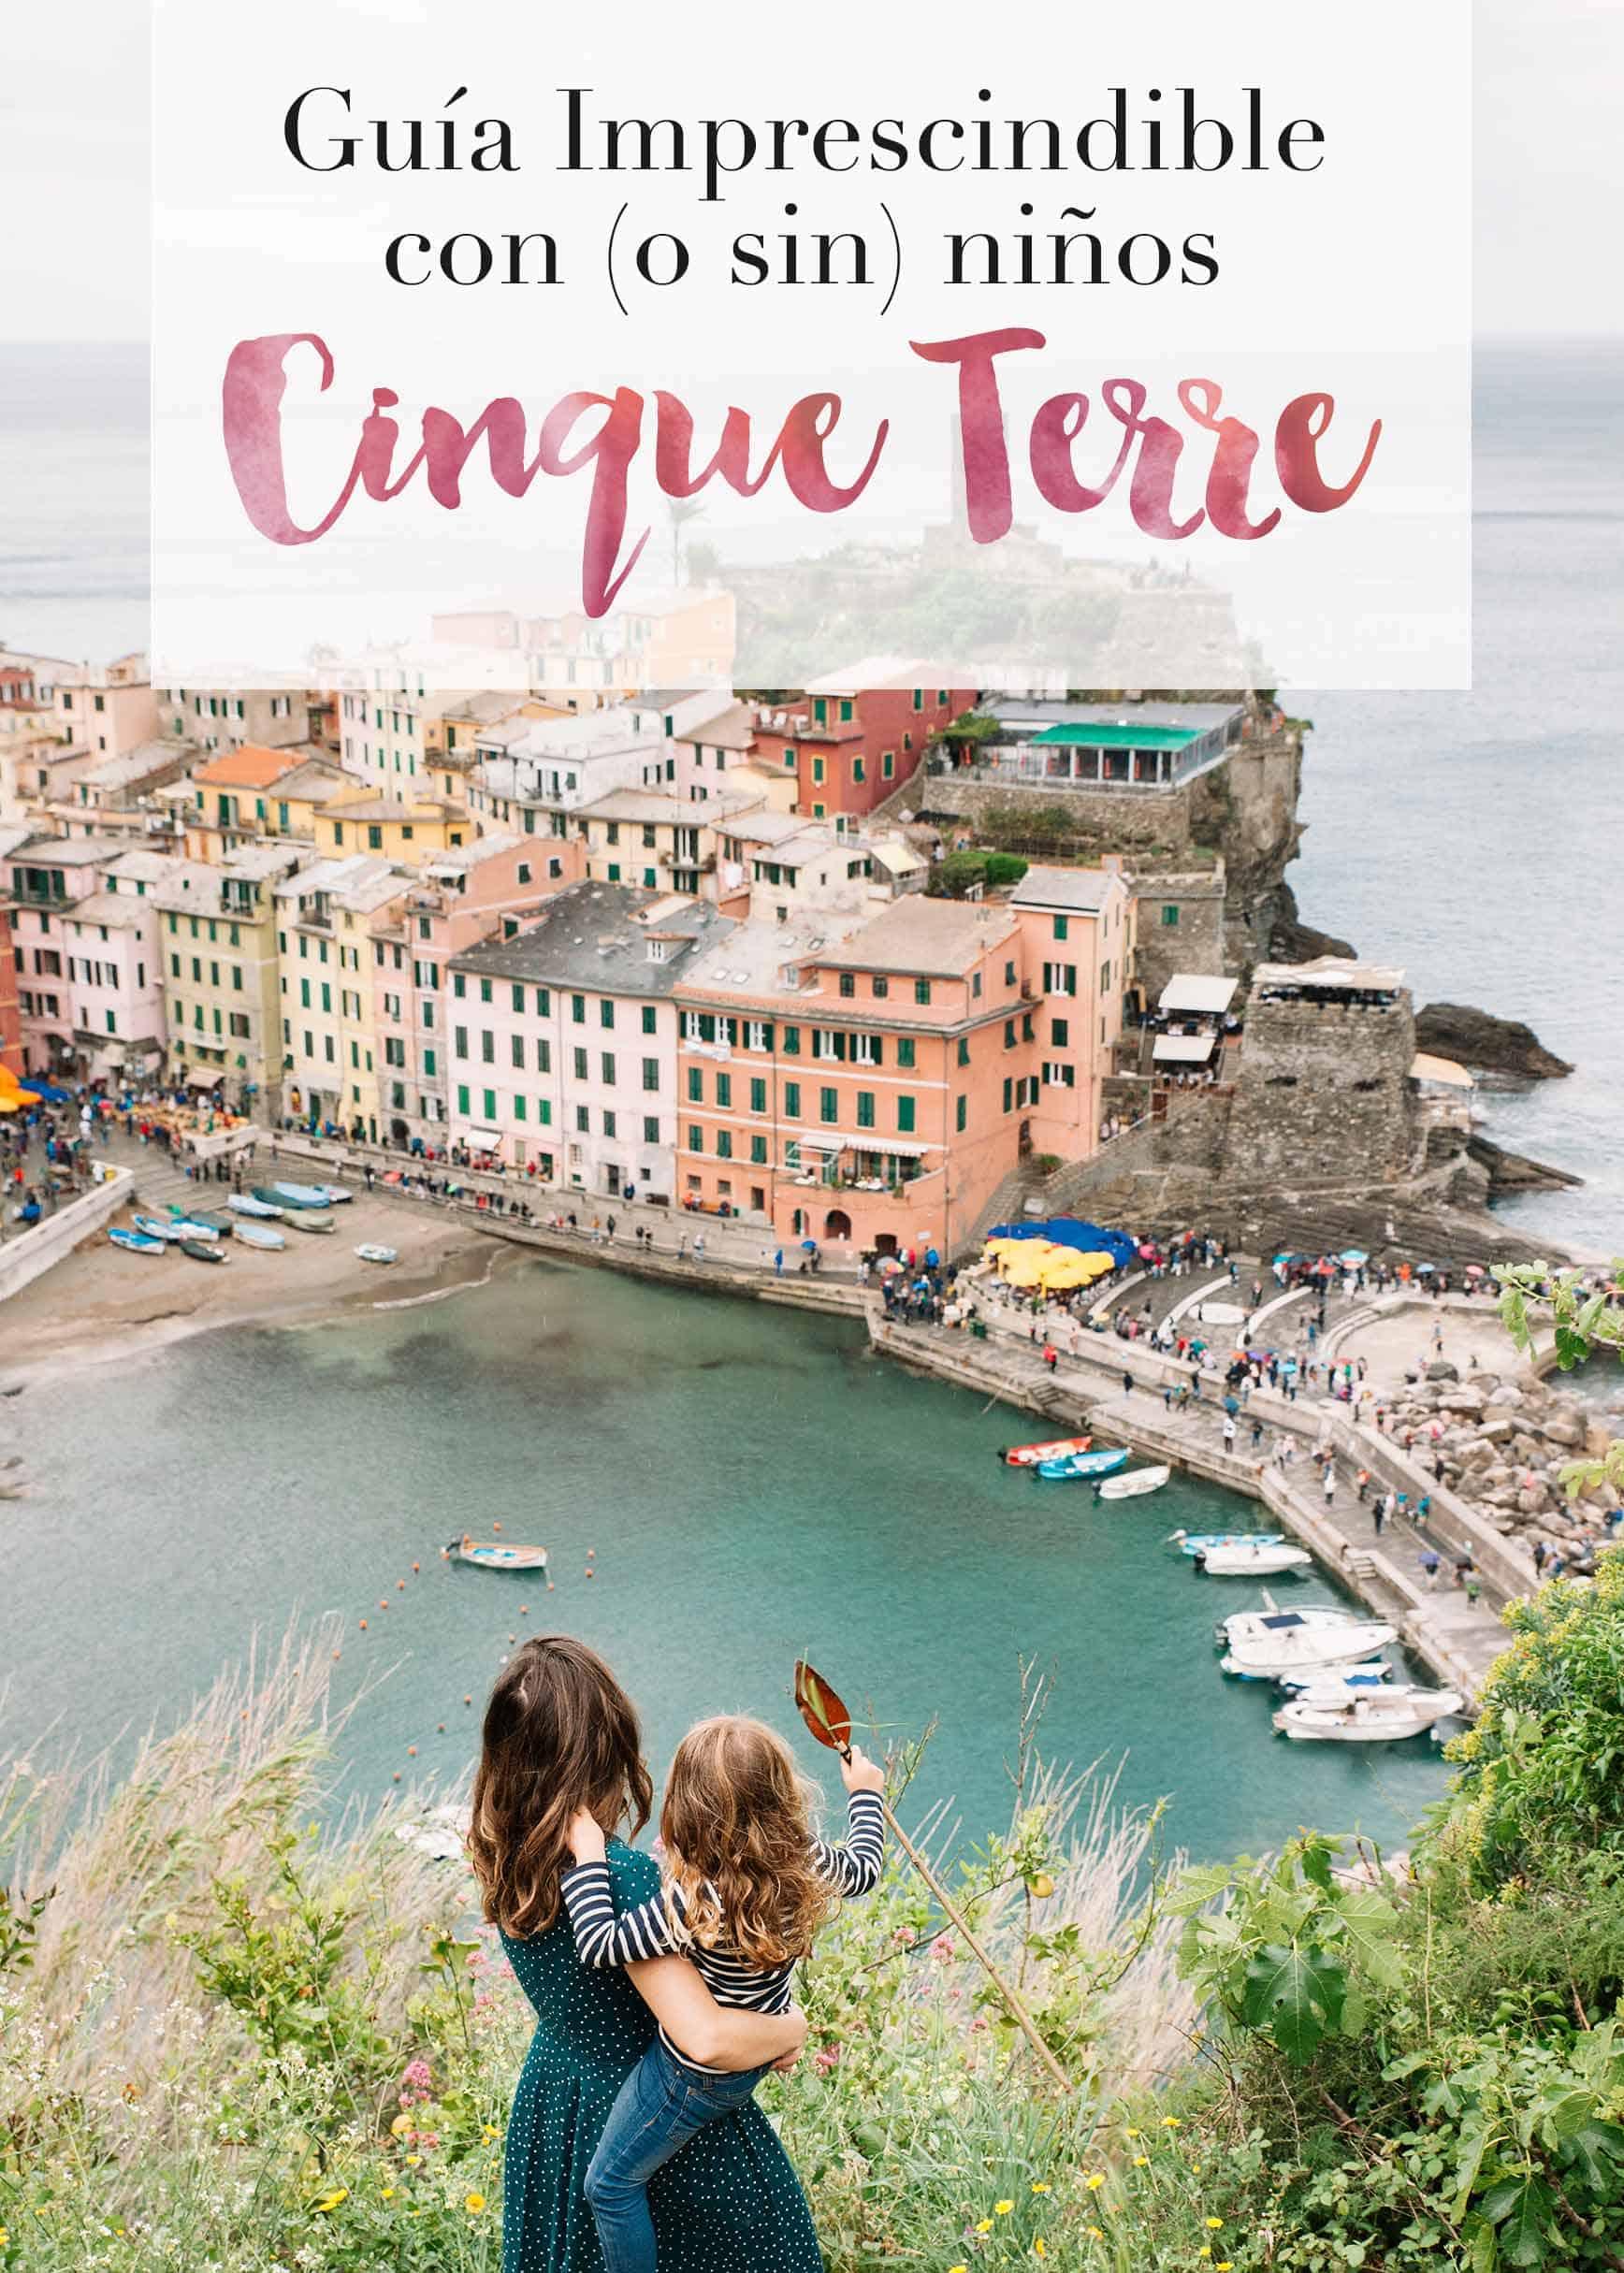 Guía imprescindible para visitar Cinque Terre con niños